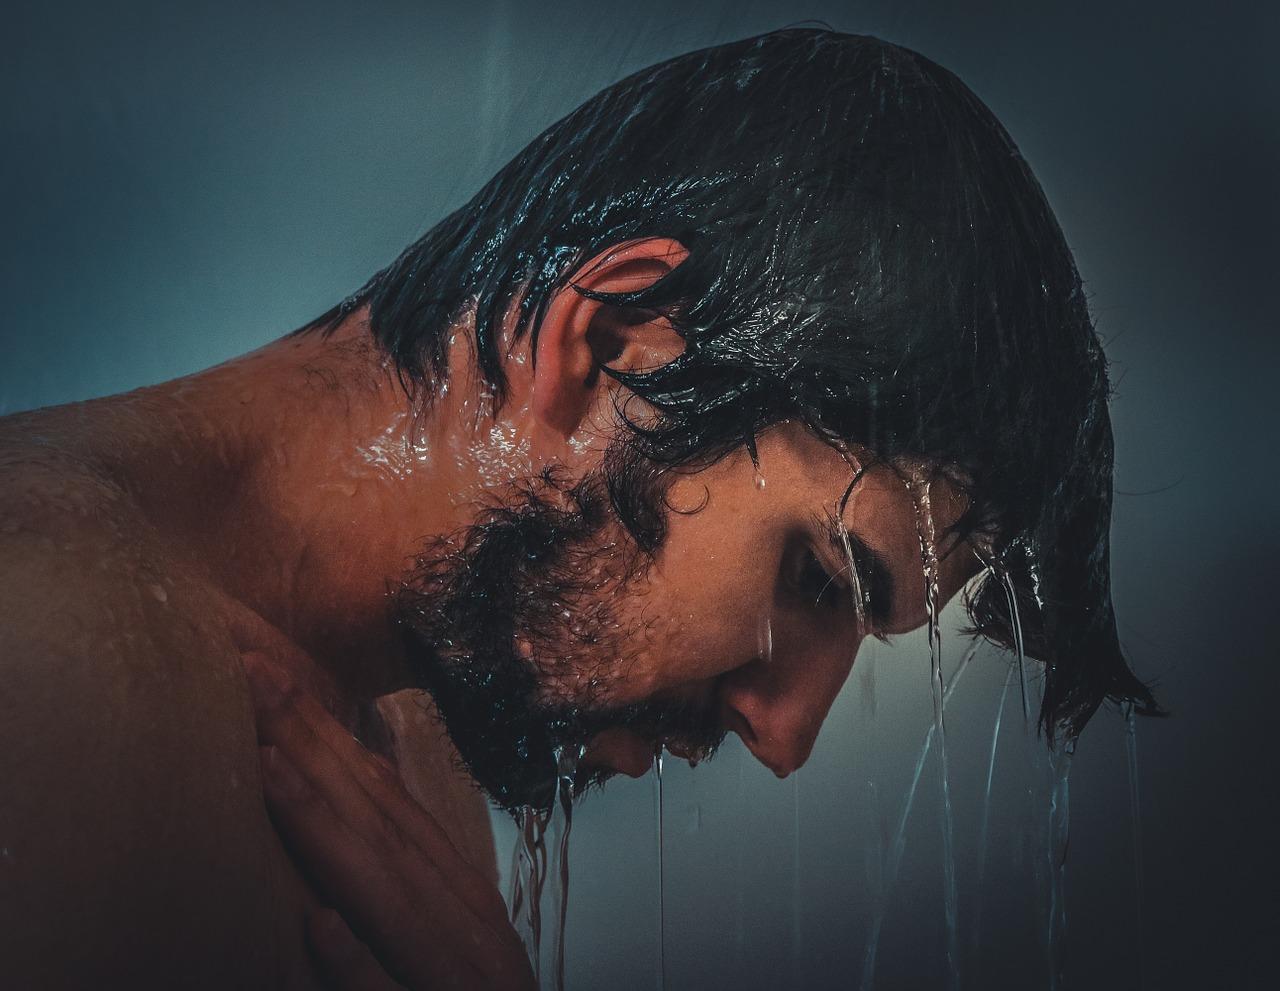 Hair Loss Shampoo Article Image